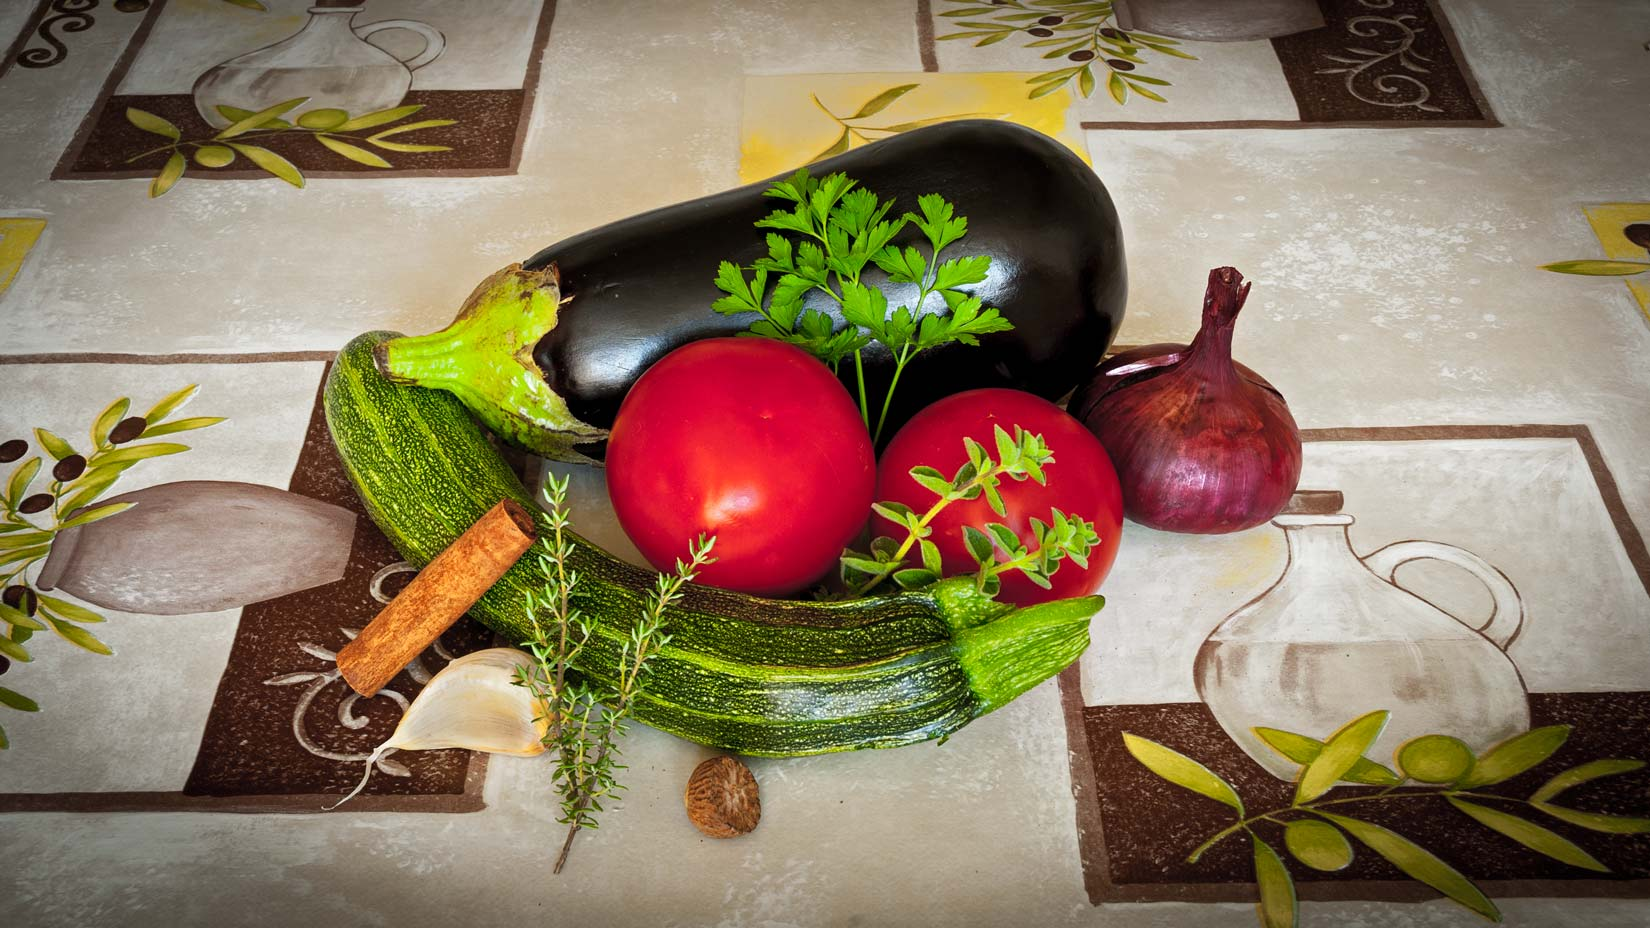 Lilek, rajčata, cuketa a bylinky s kořením - základní stavební kameny chrámu Musaka